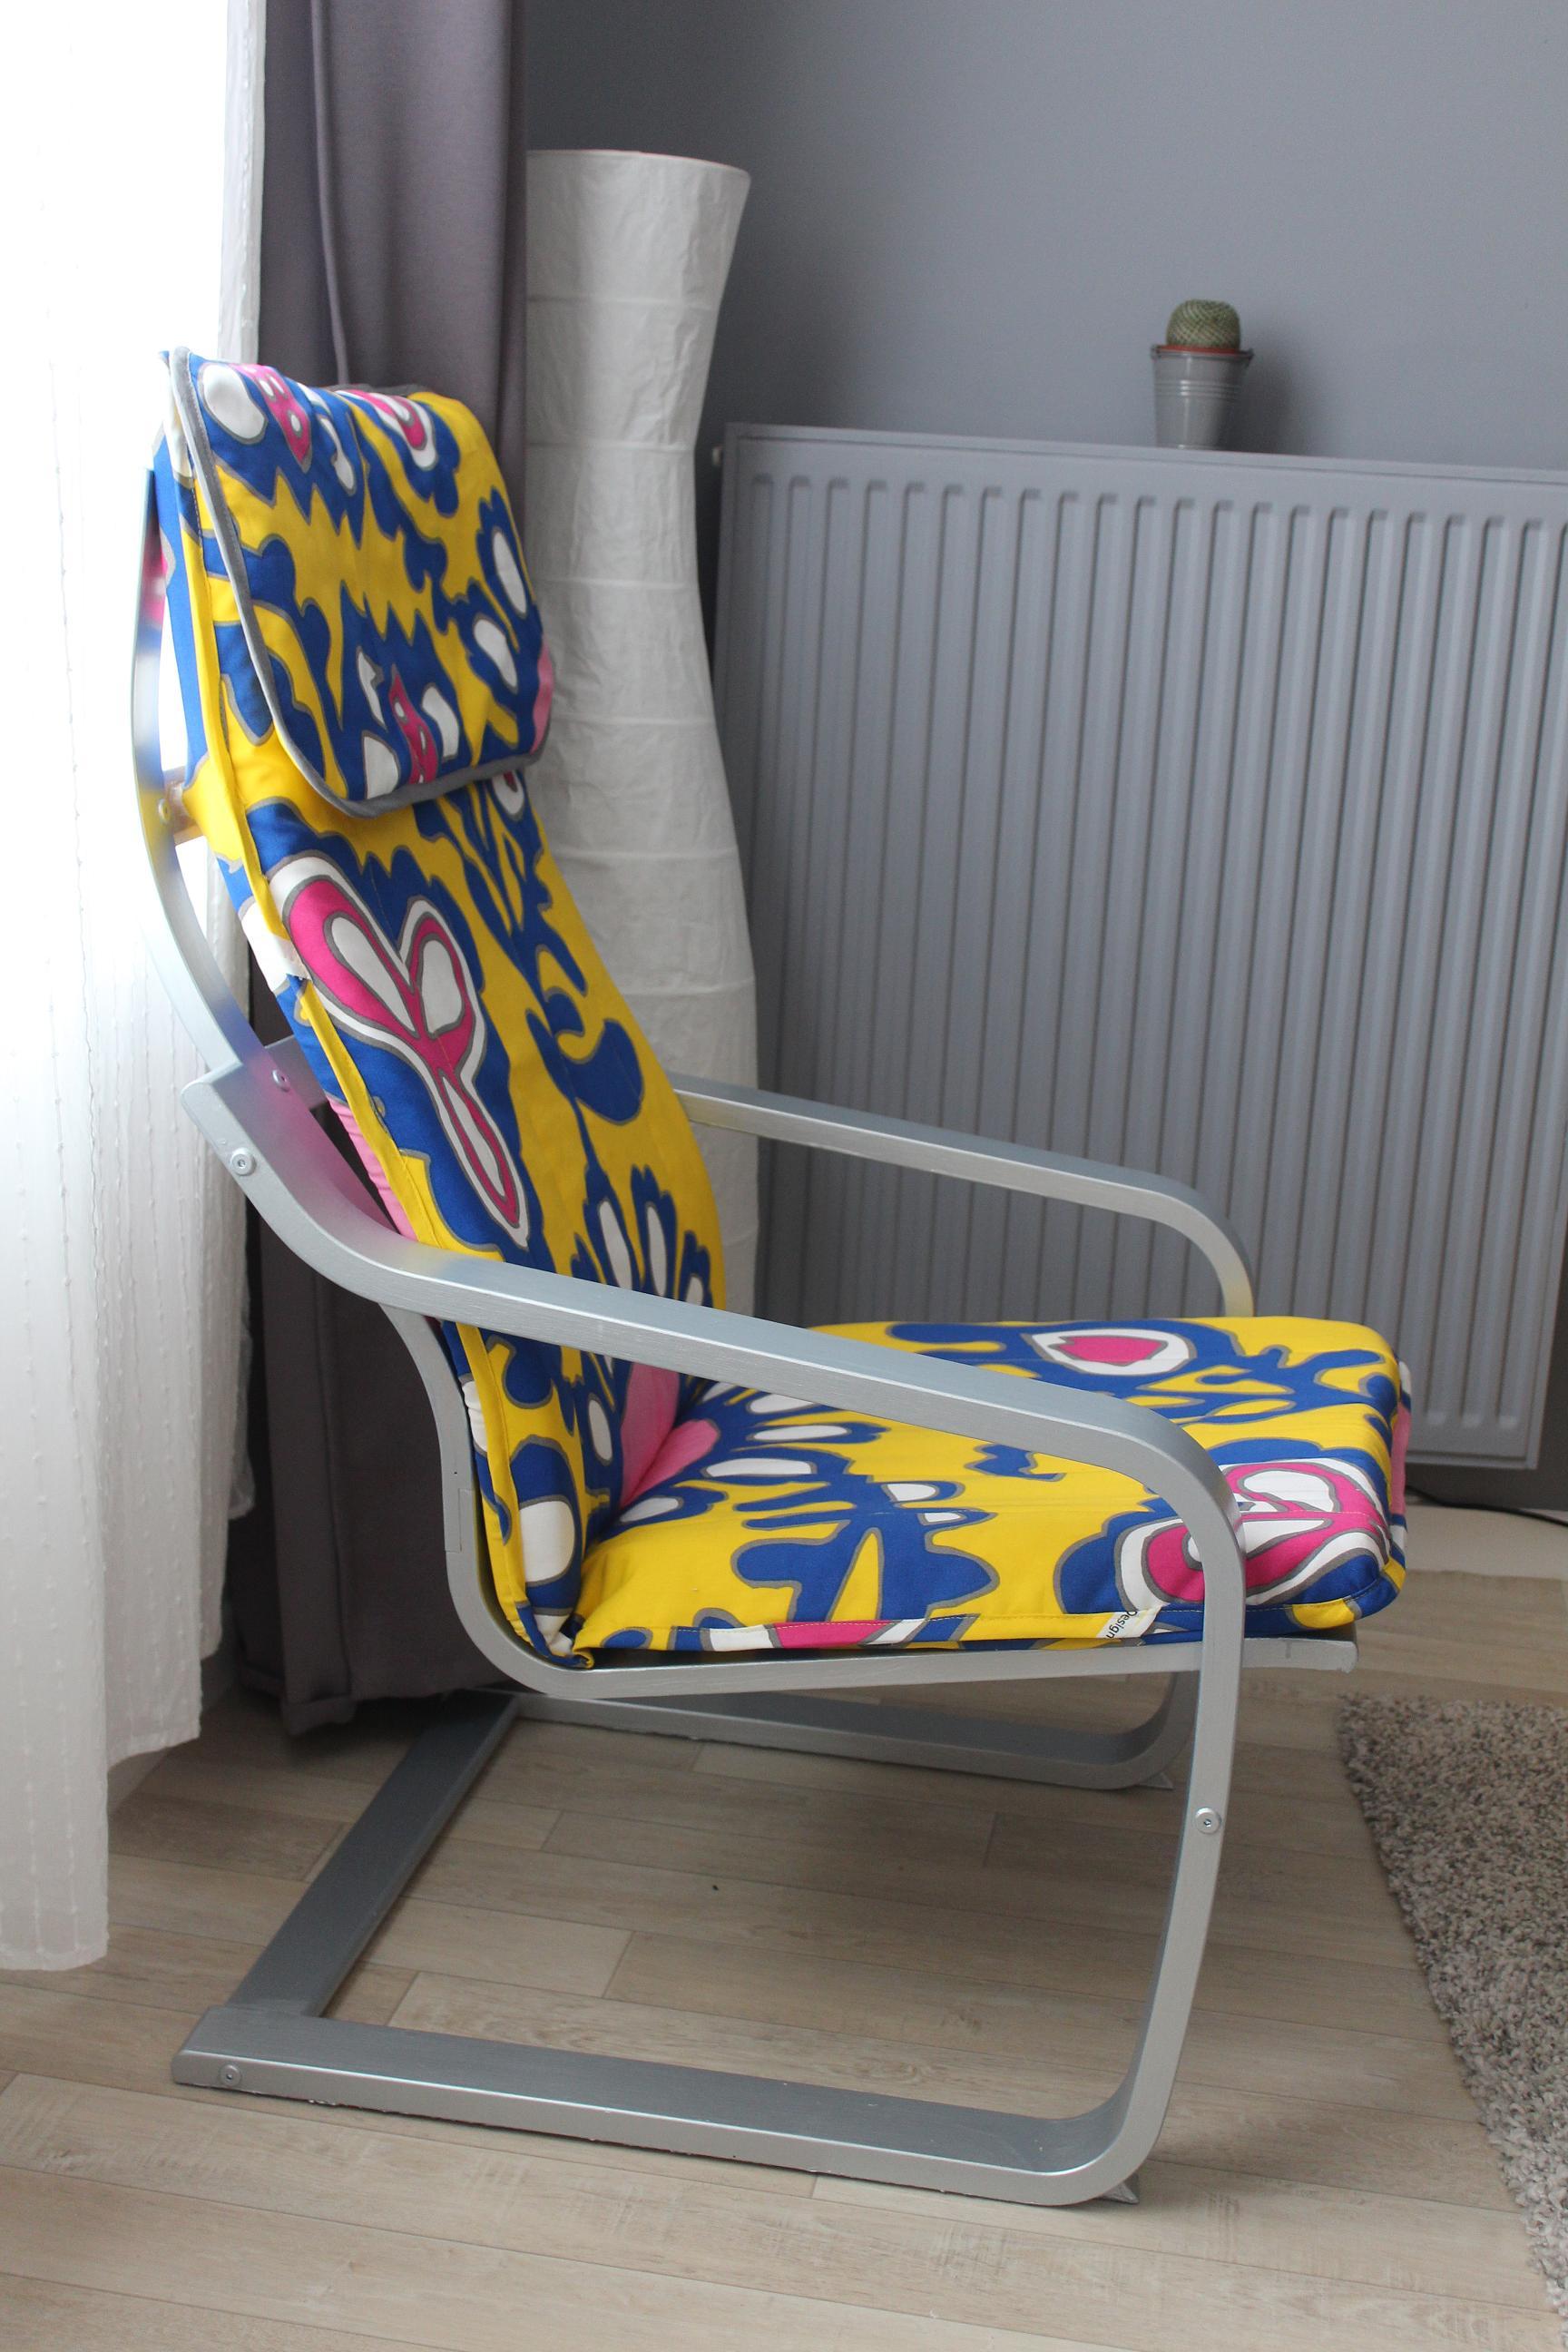 amazing le fauteuil a t achet euros duaprs vous combien a vaut aujourduhui with fauteuil ikea pello. Black Bedroom Furniture Sets. Home Design Ideas